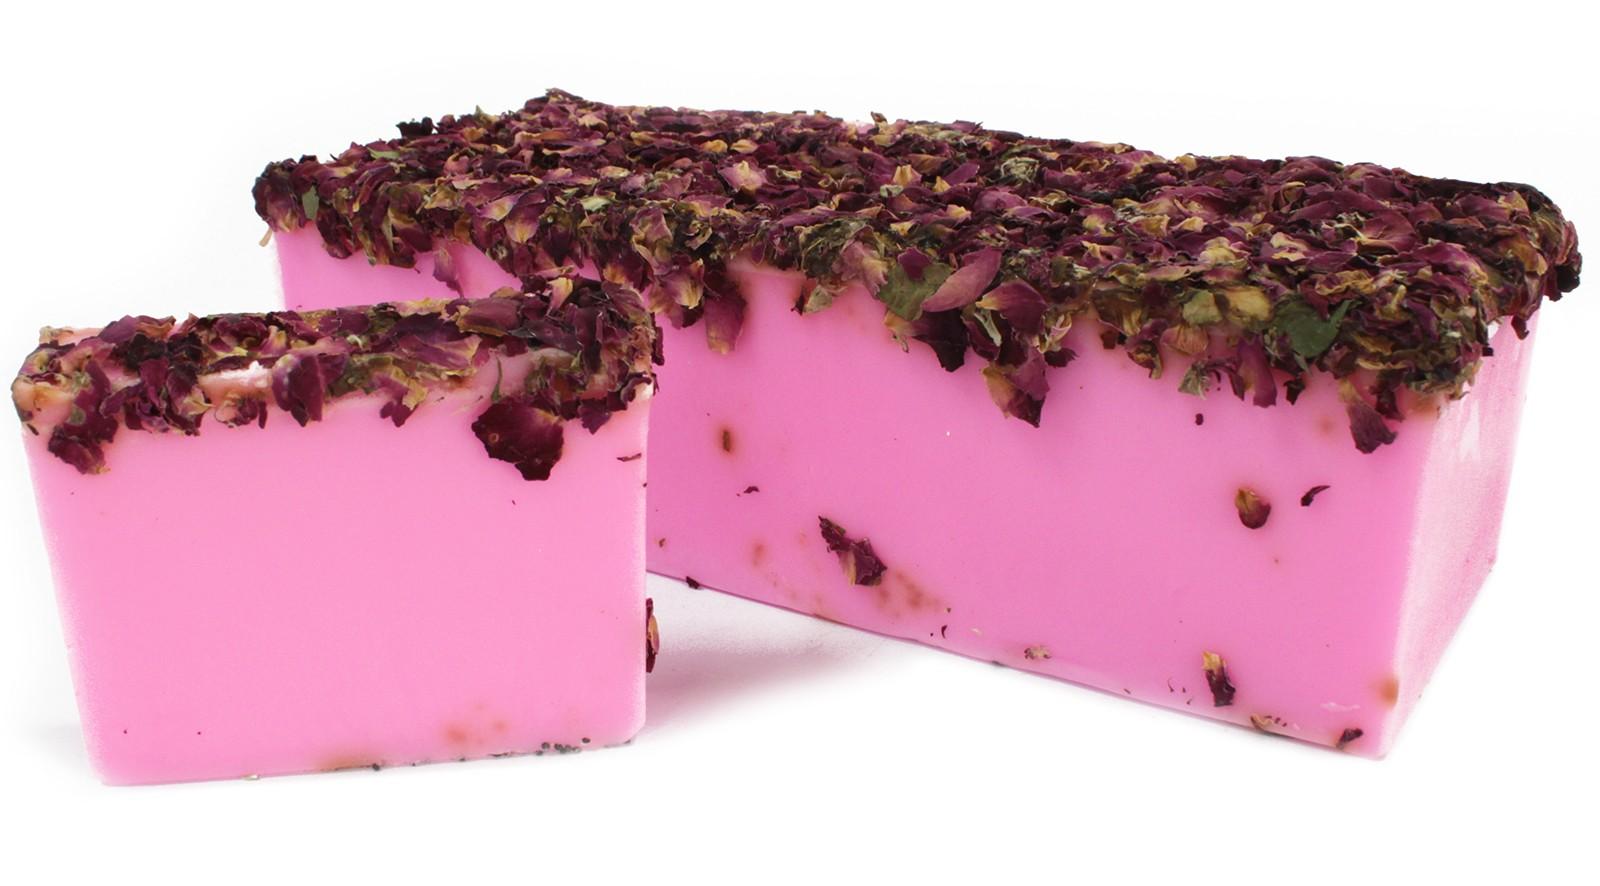 Rose and Rose Petals Soap Loaf